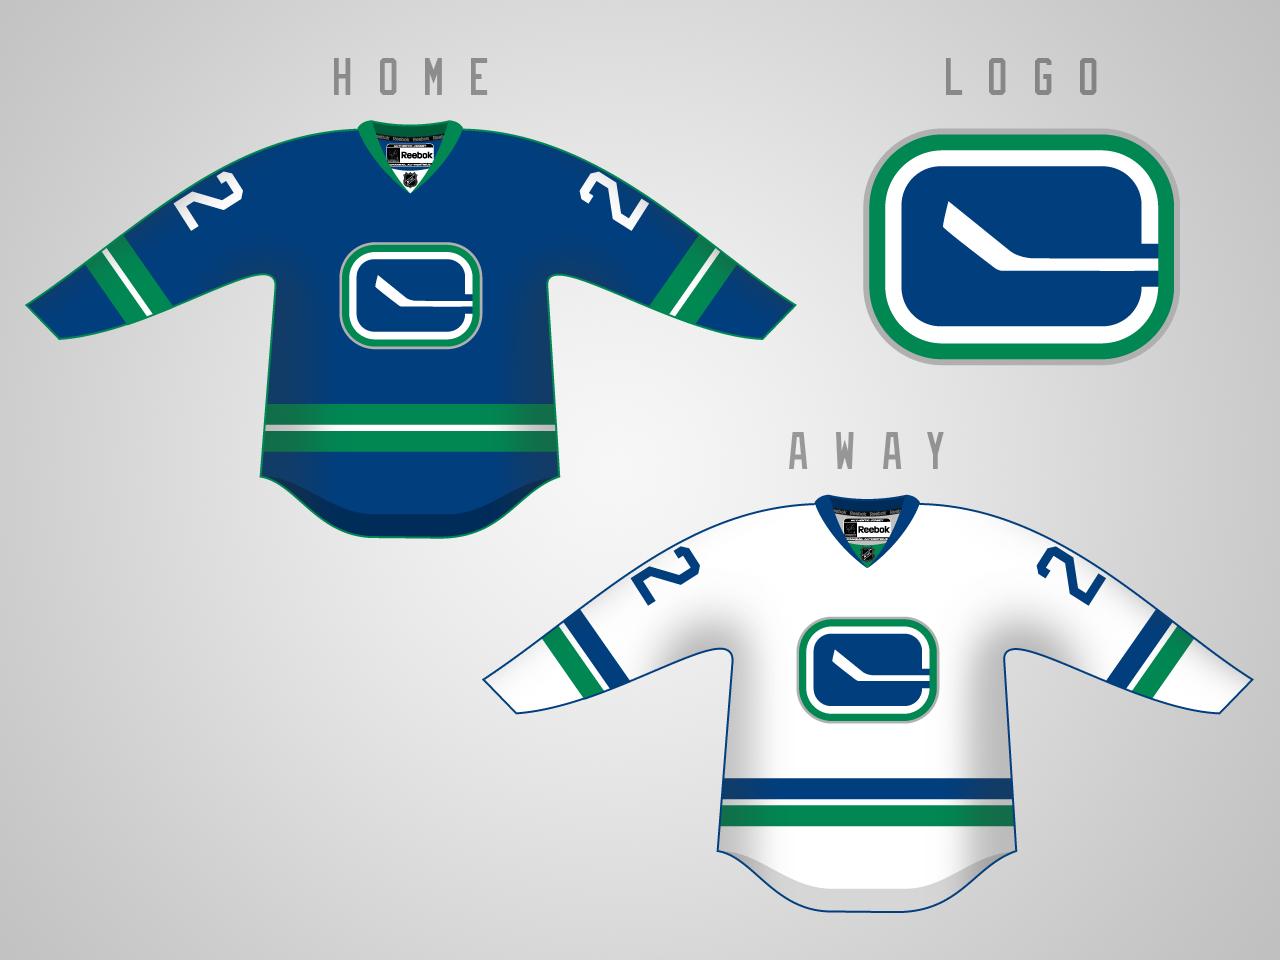 696177a56a7 Vancouver Canucks Concept - Concepts - Chris Creamer s Sports Logos ...